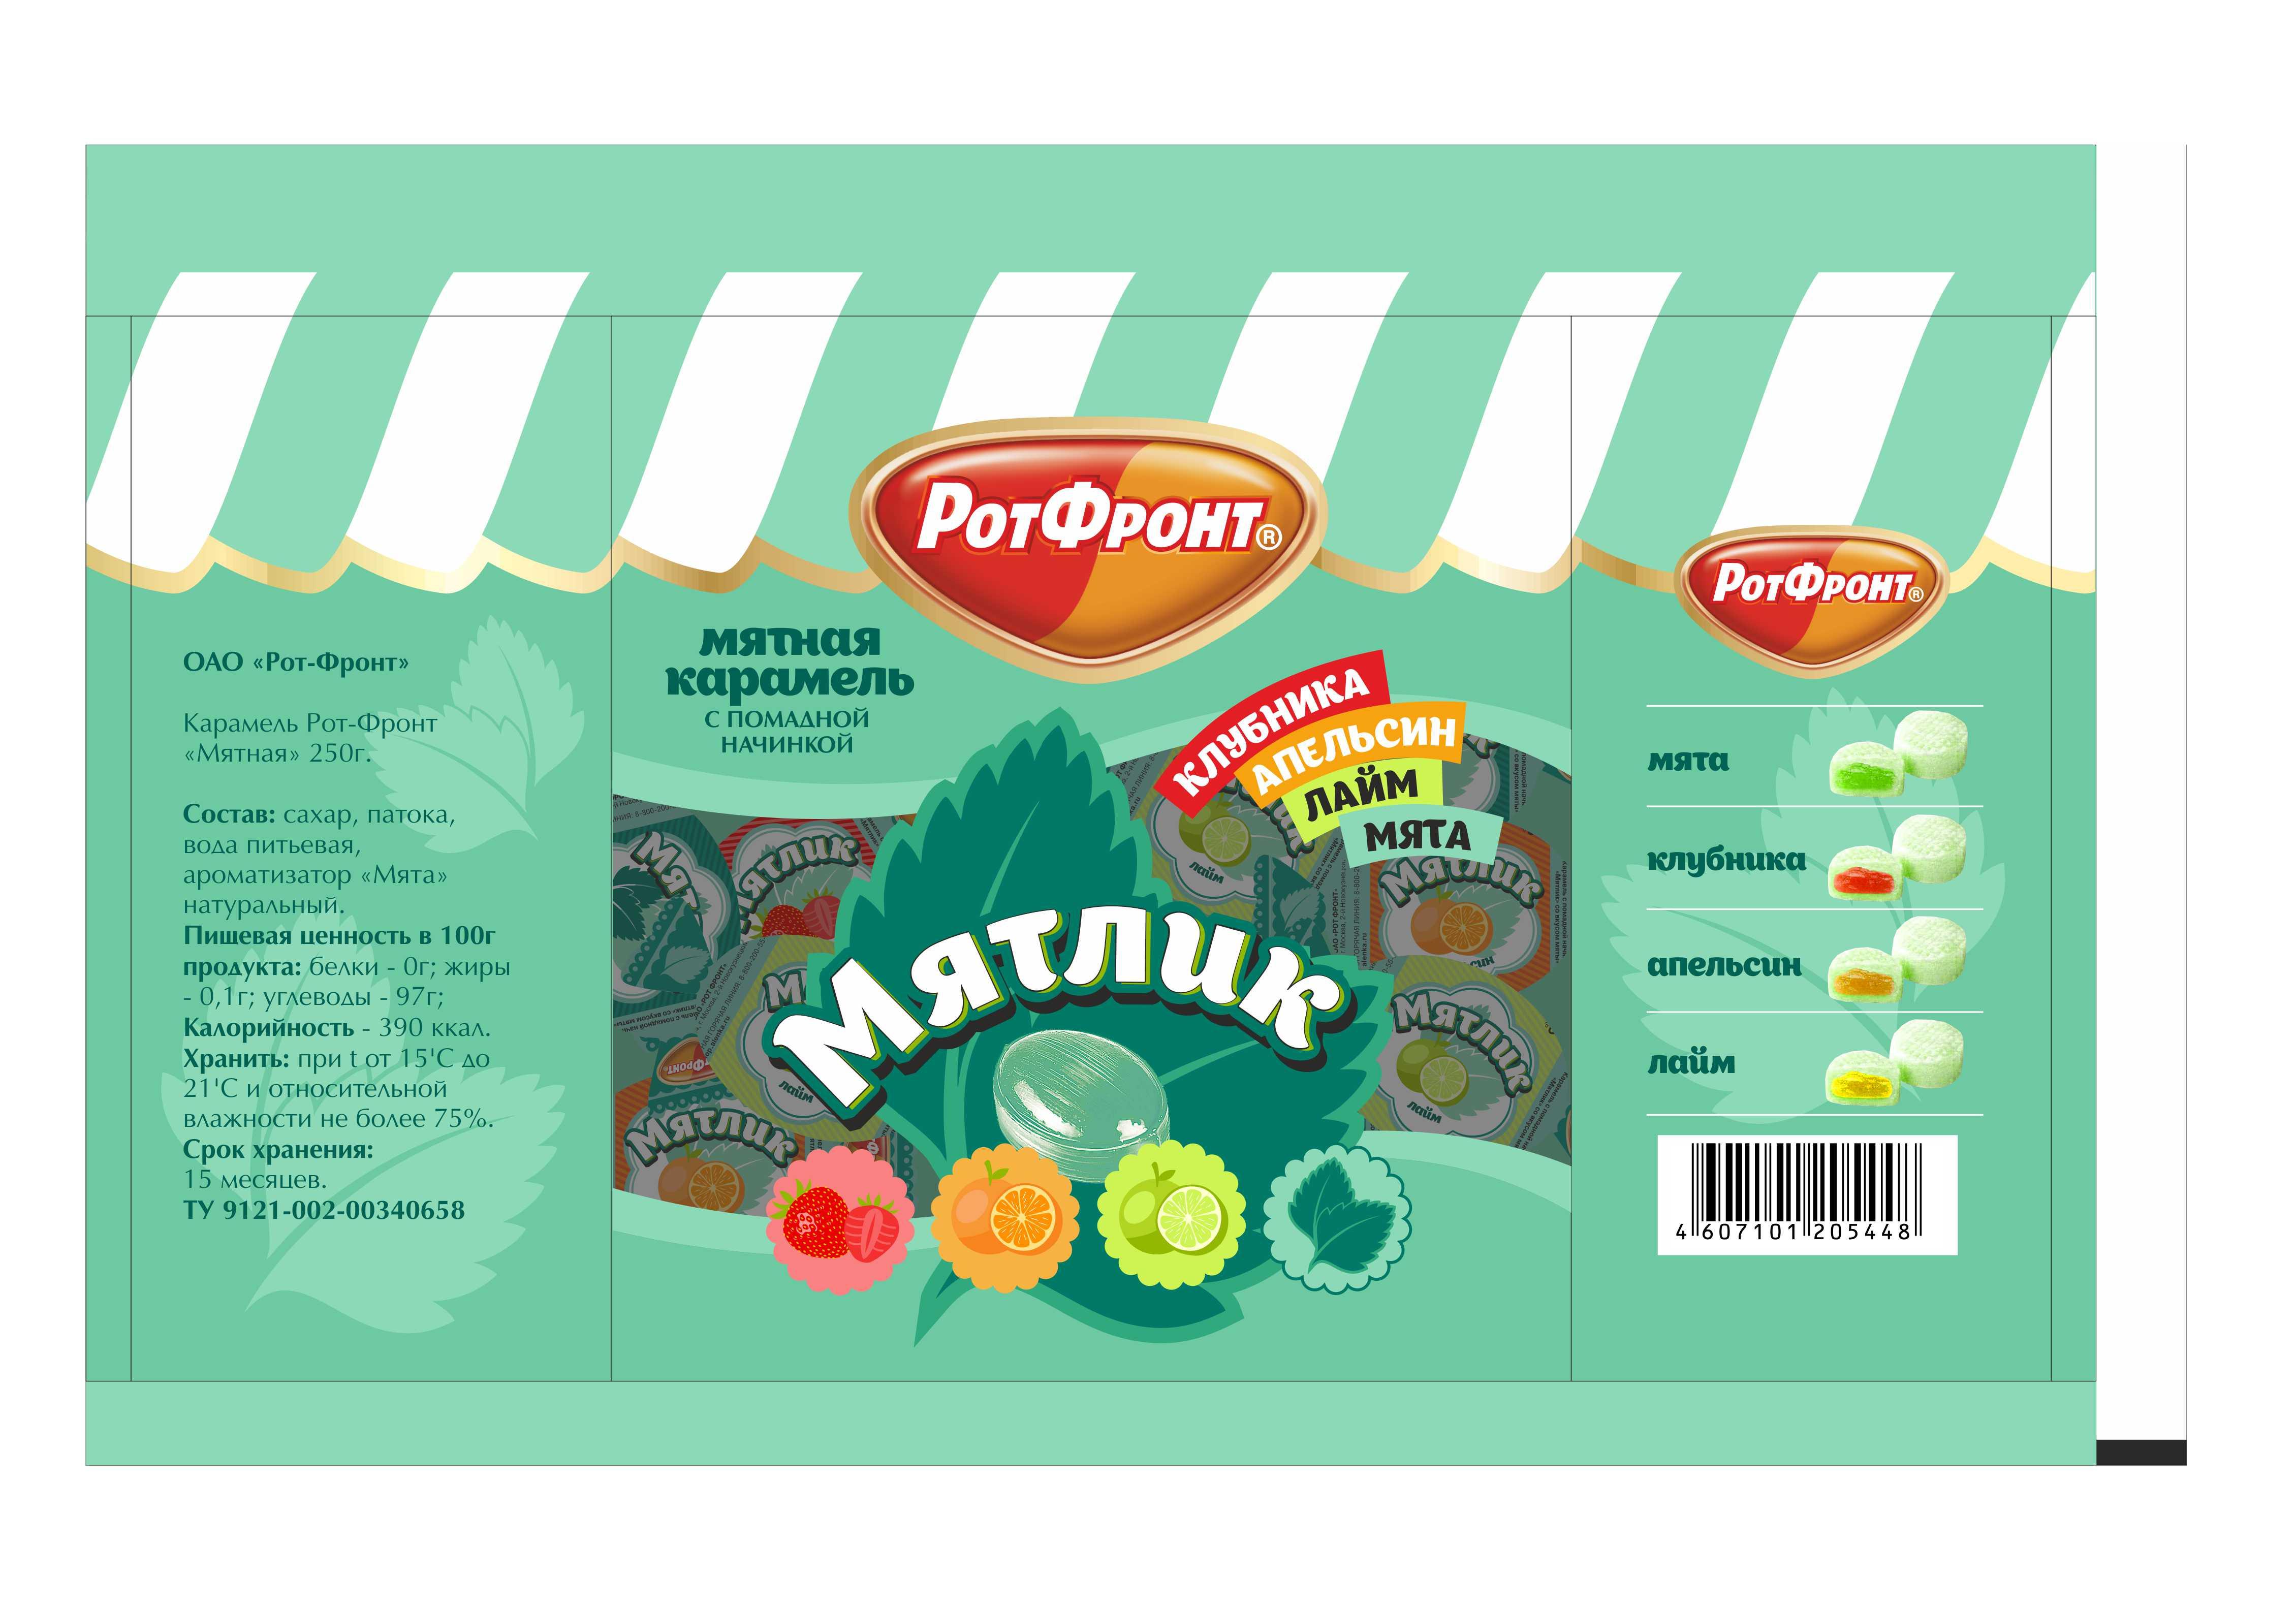 Разработка дизайна упаковки для мятной карамели от Рот Фронт фото f_48259f247efb0d27.jpg